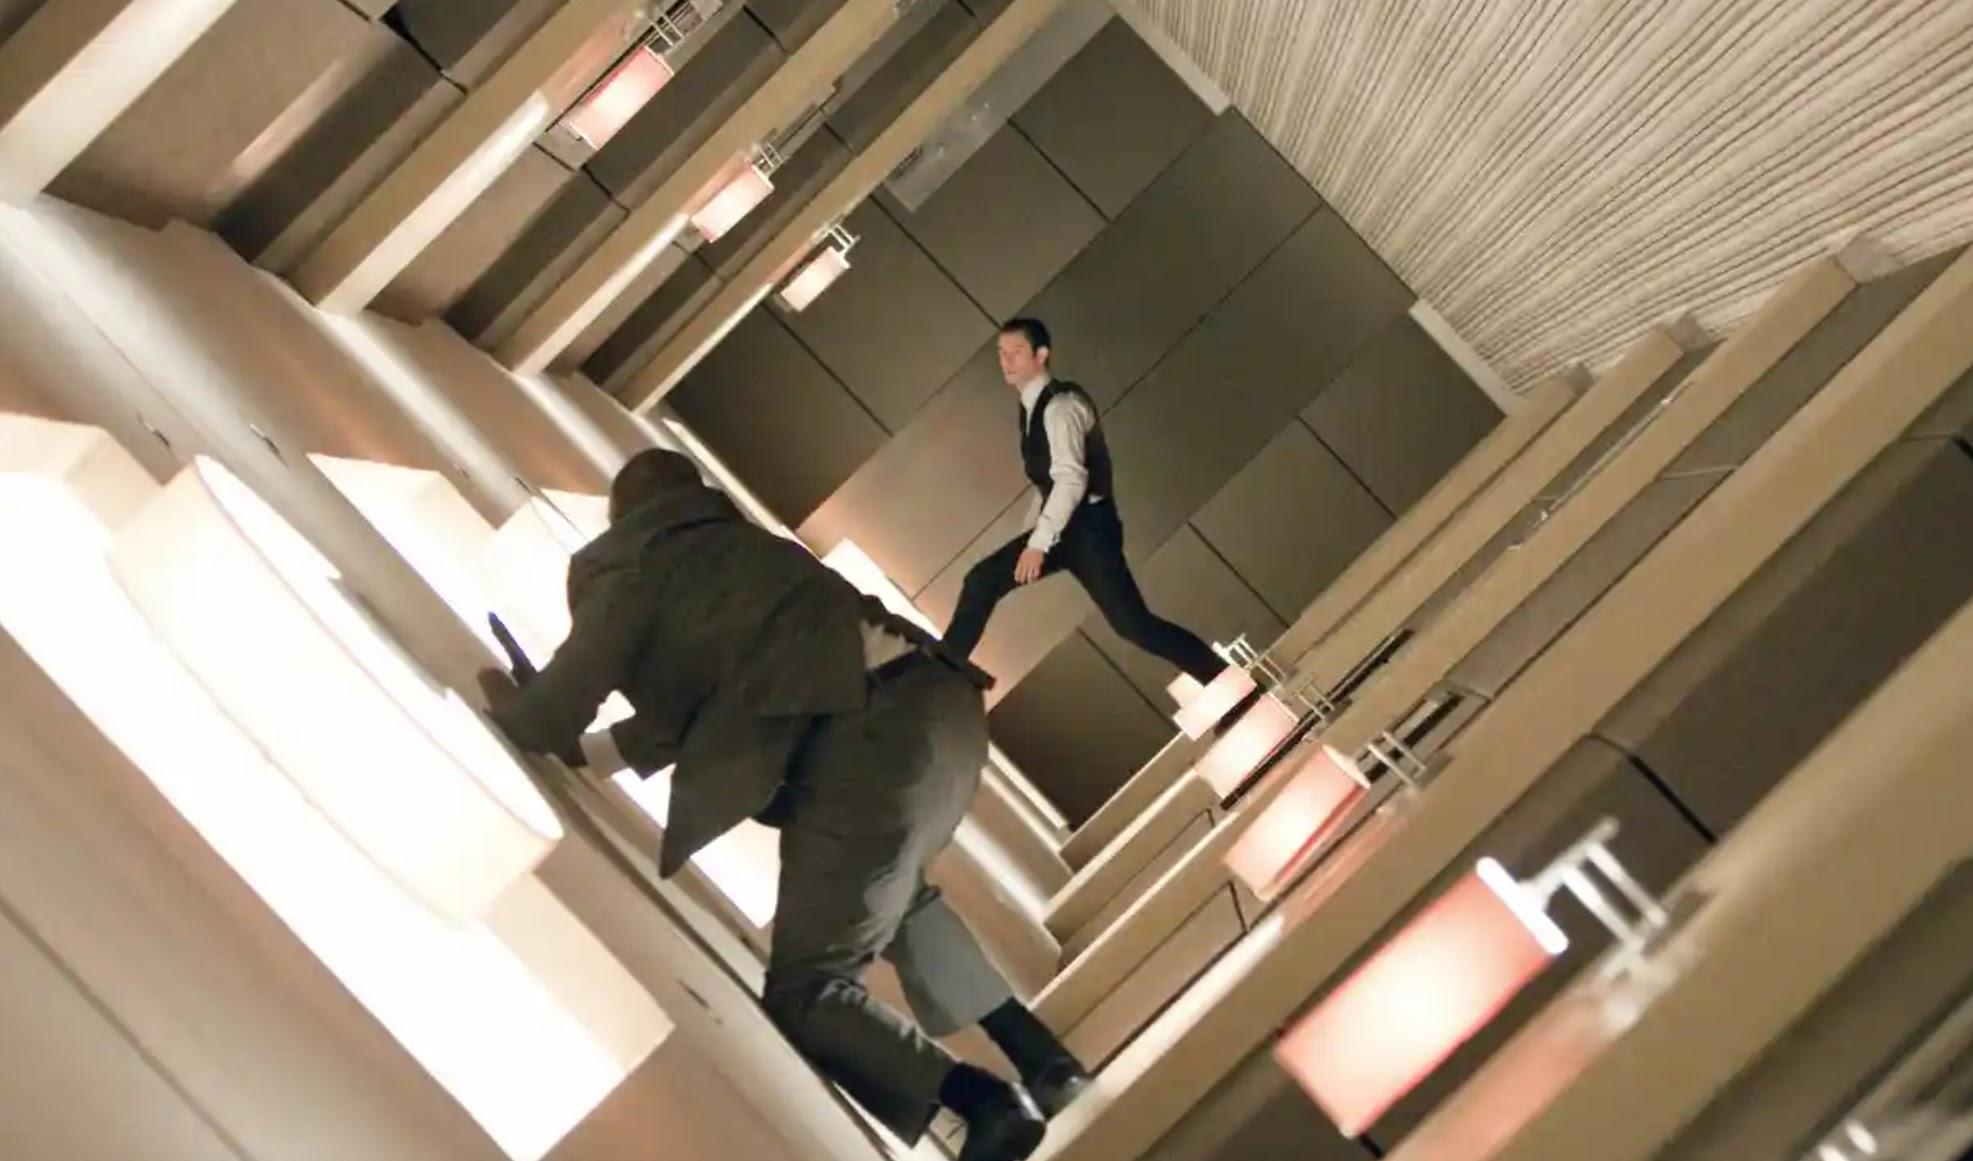 Inception with Leonardo di Caprio